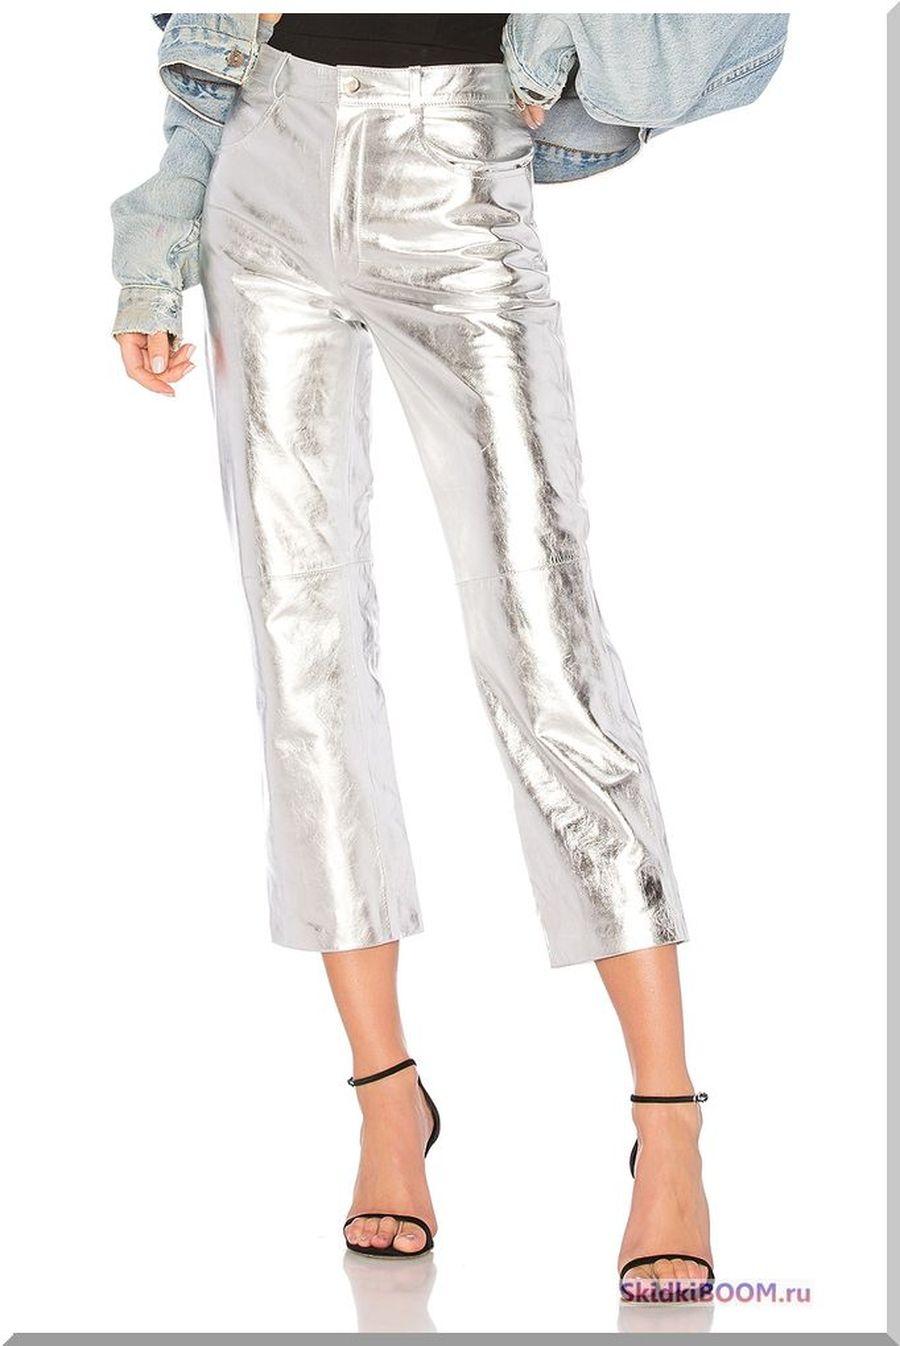 Какие женские брюки в моде - брюки цвета металлик